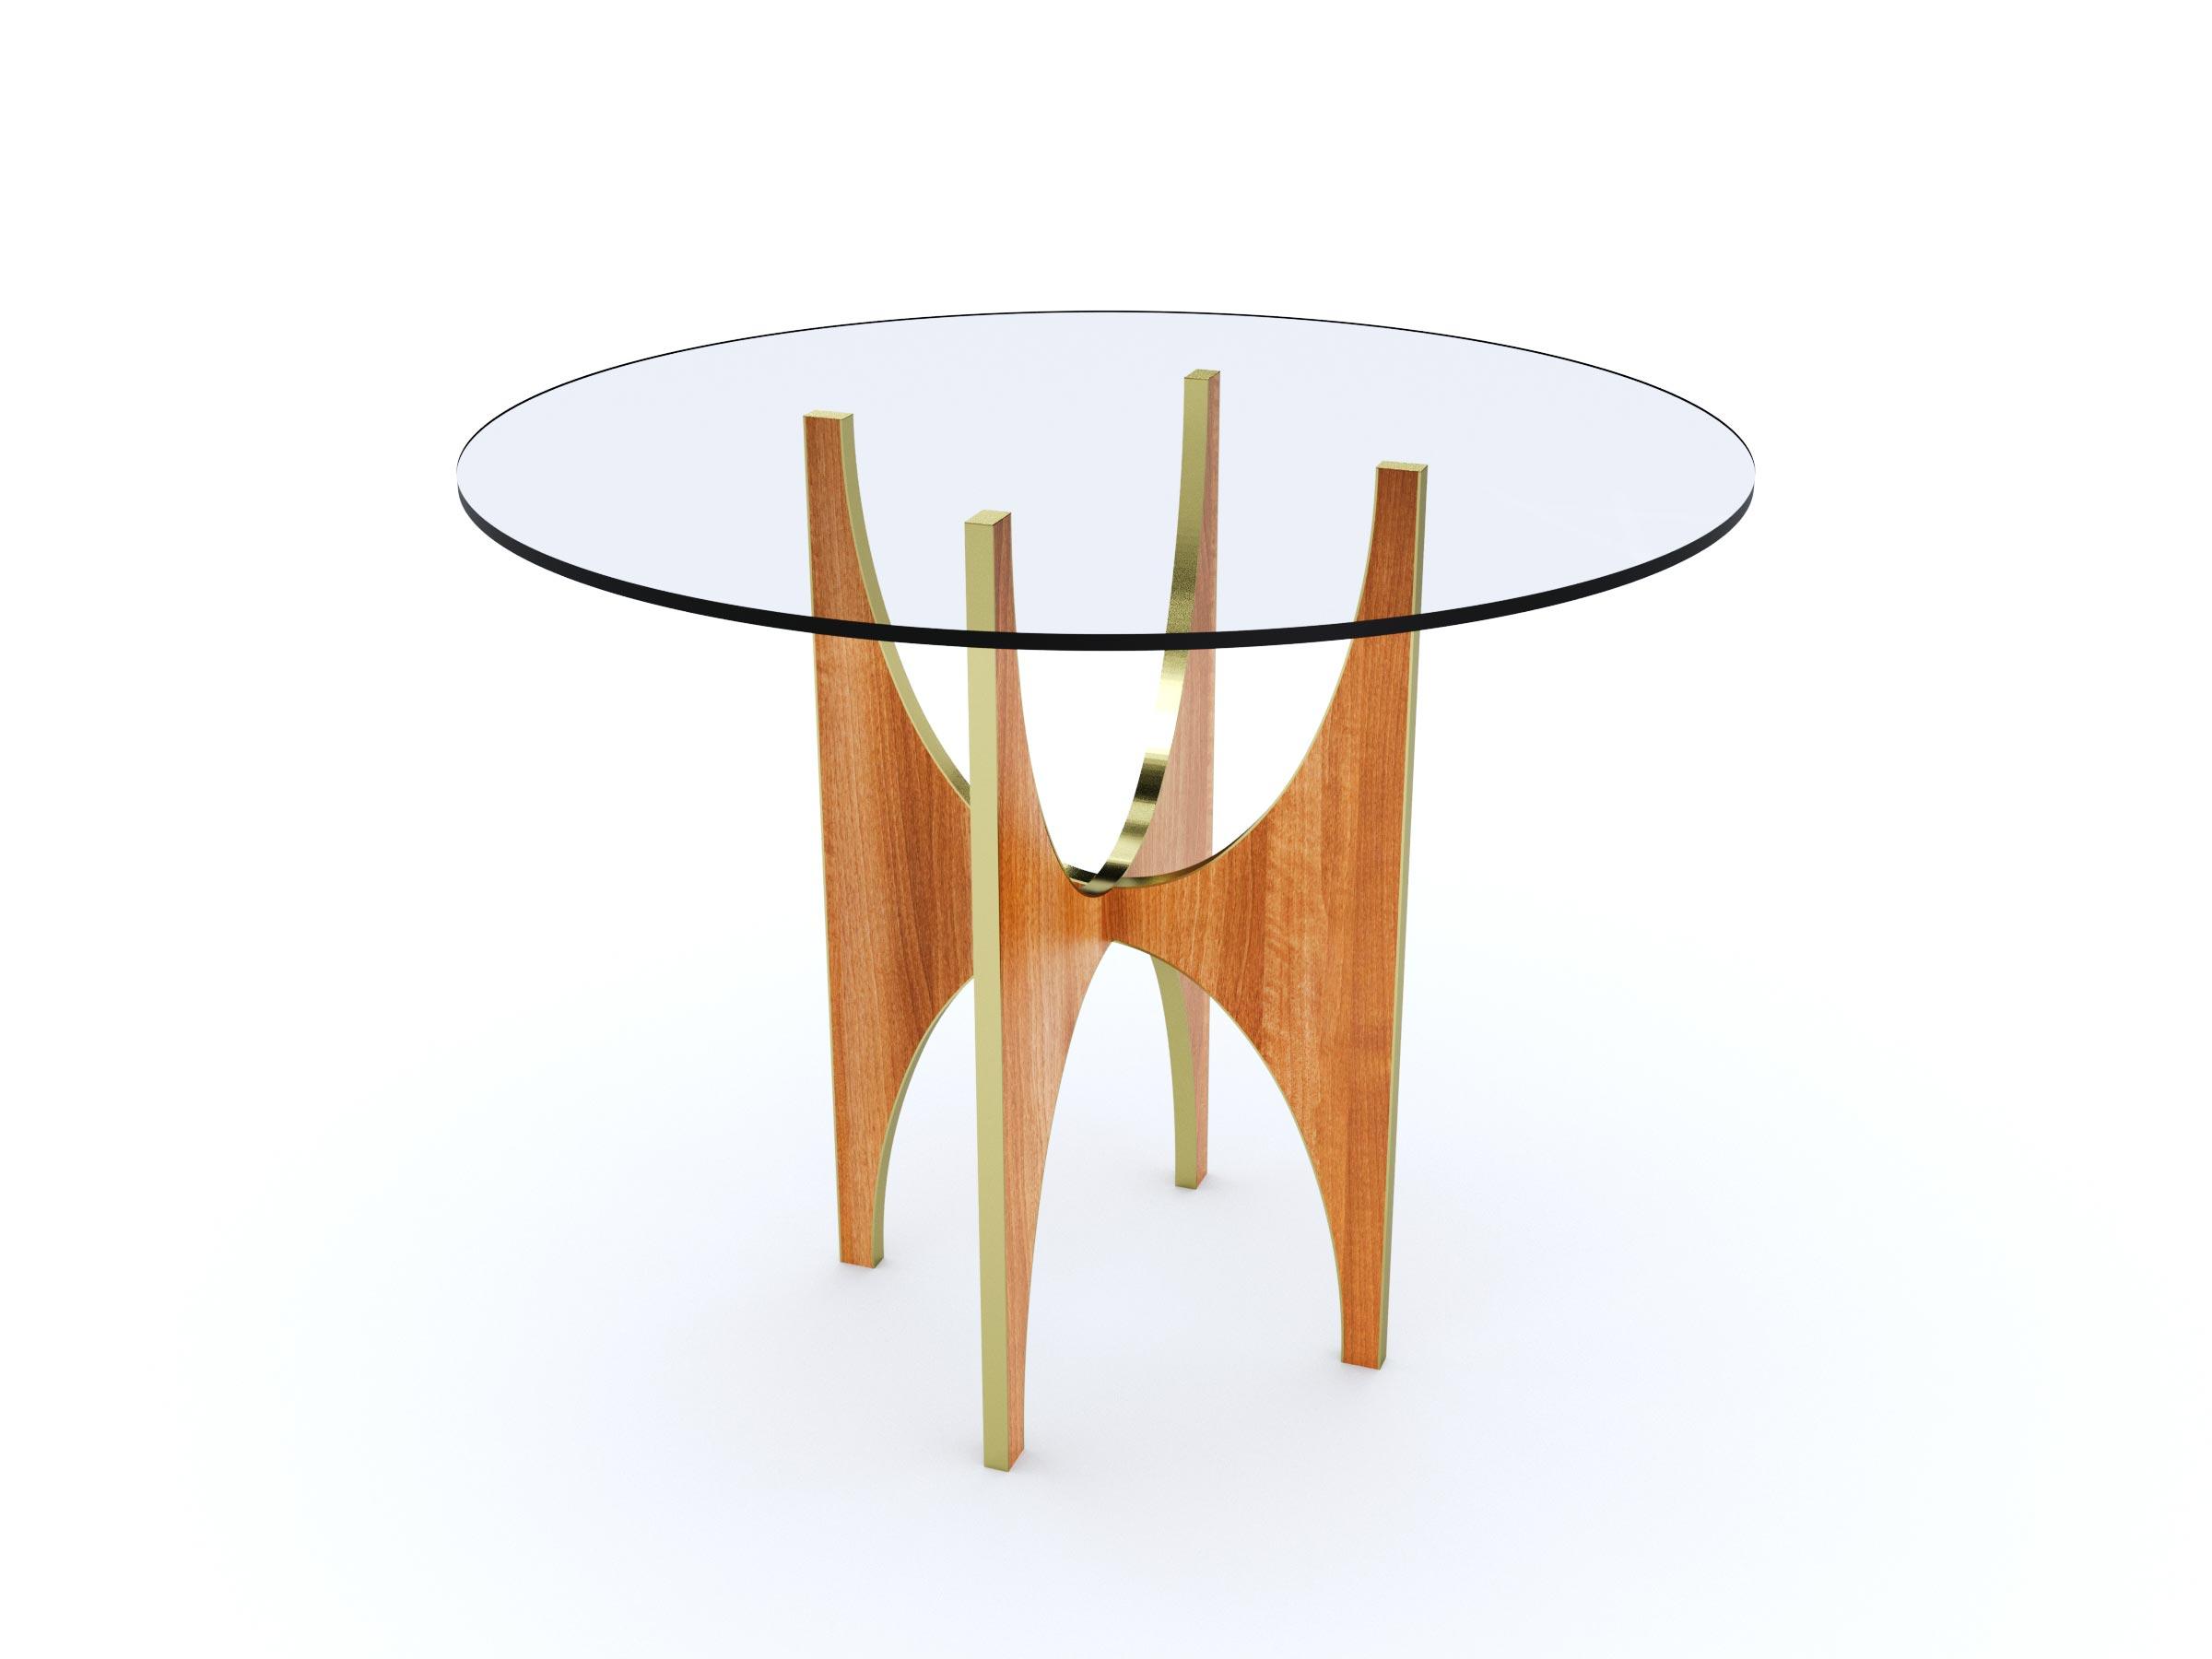 7.5_ARC-ROUND-TABLE-DARK_2400x1800